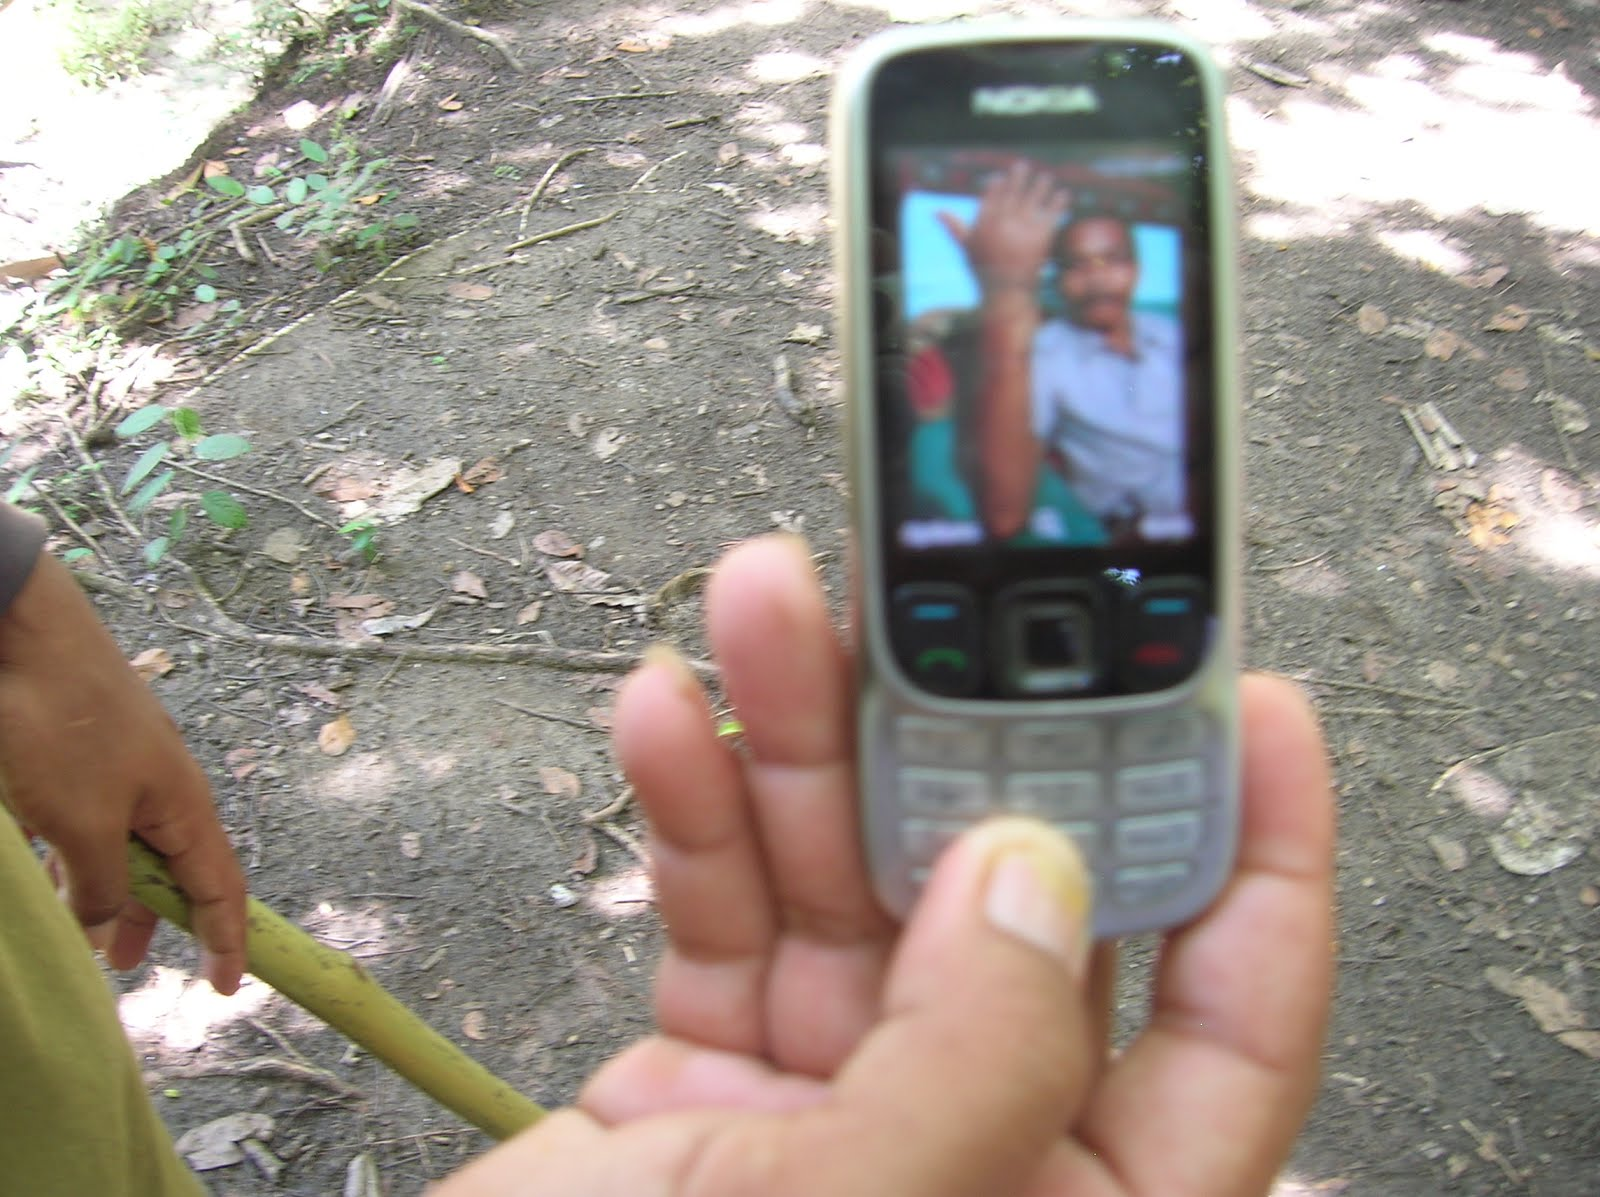 Ataque de dragón Komodo, Parque Nacional de Komodo,Isla de Ricla, Isla de Flores, vuelta al mundo, round the world, La vuelta al mundo de Asun y Ricardo